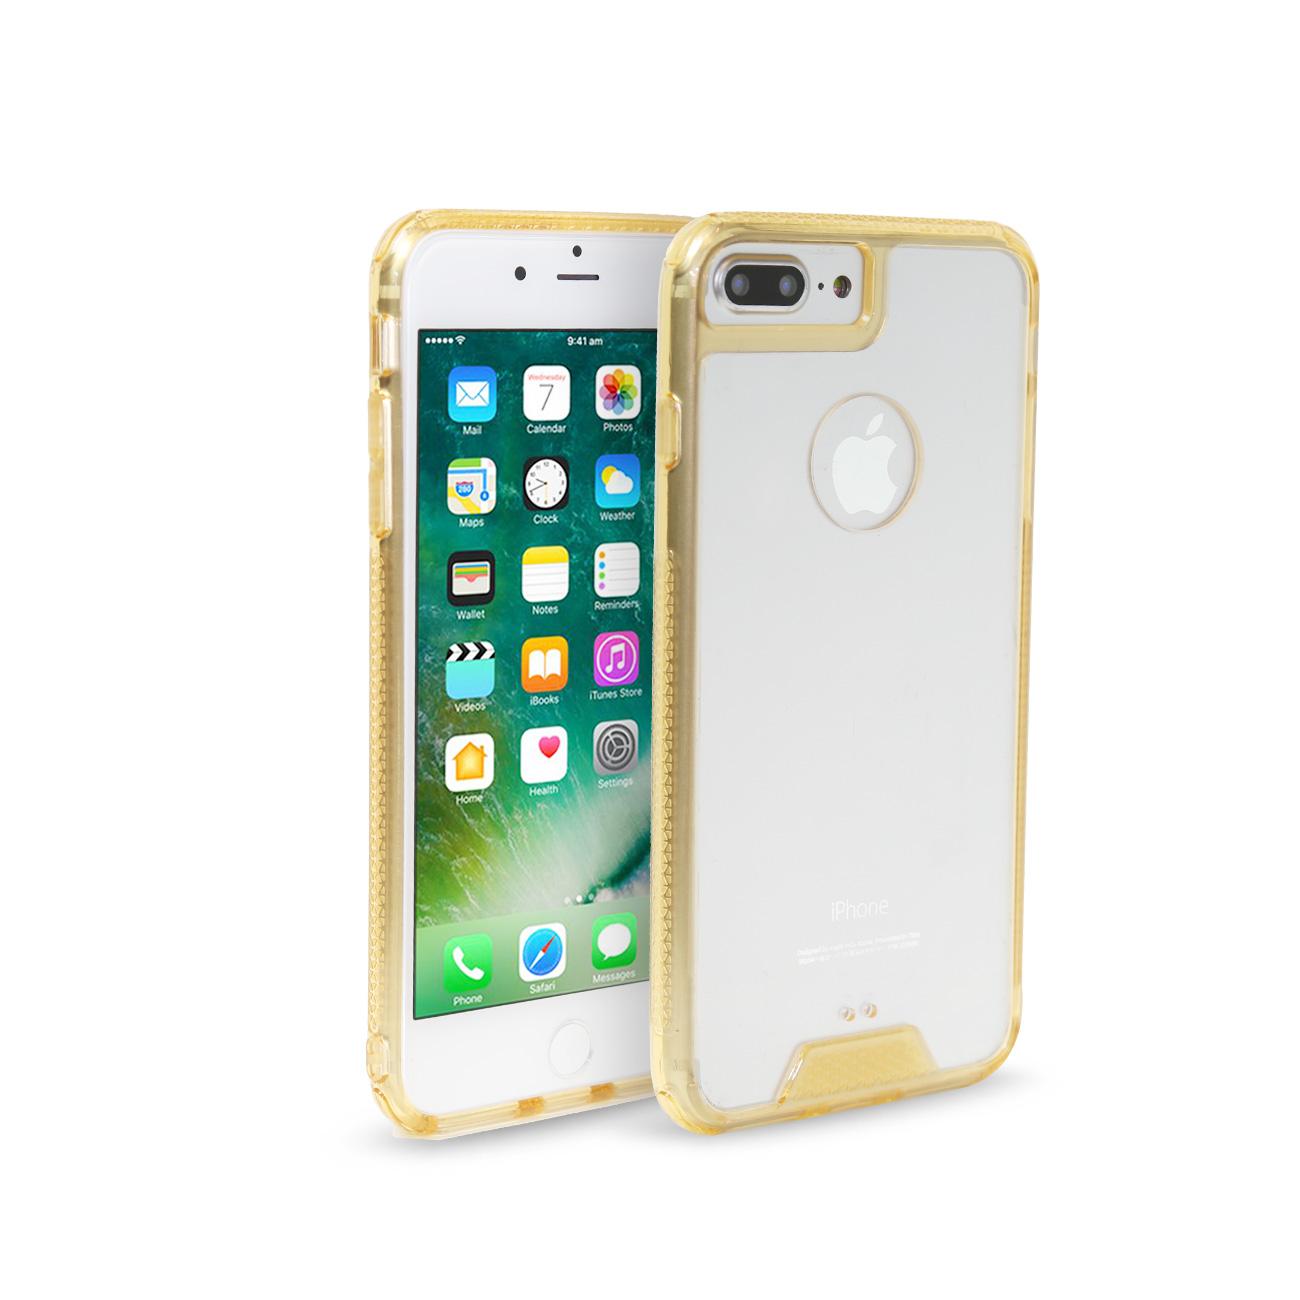 iPhone 7/ 8 Slim Bumper Tpu Back Cover In Clear Gold